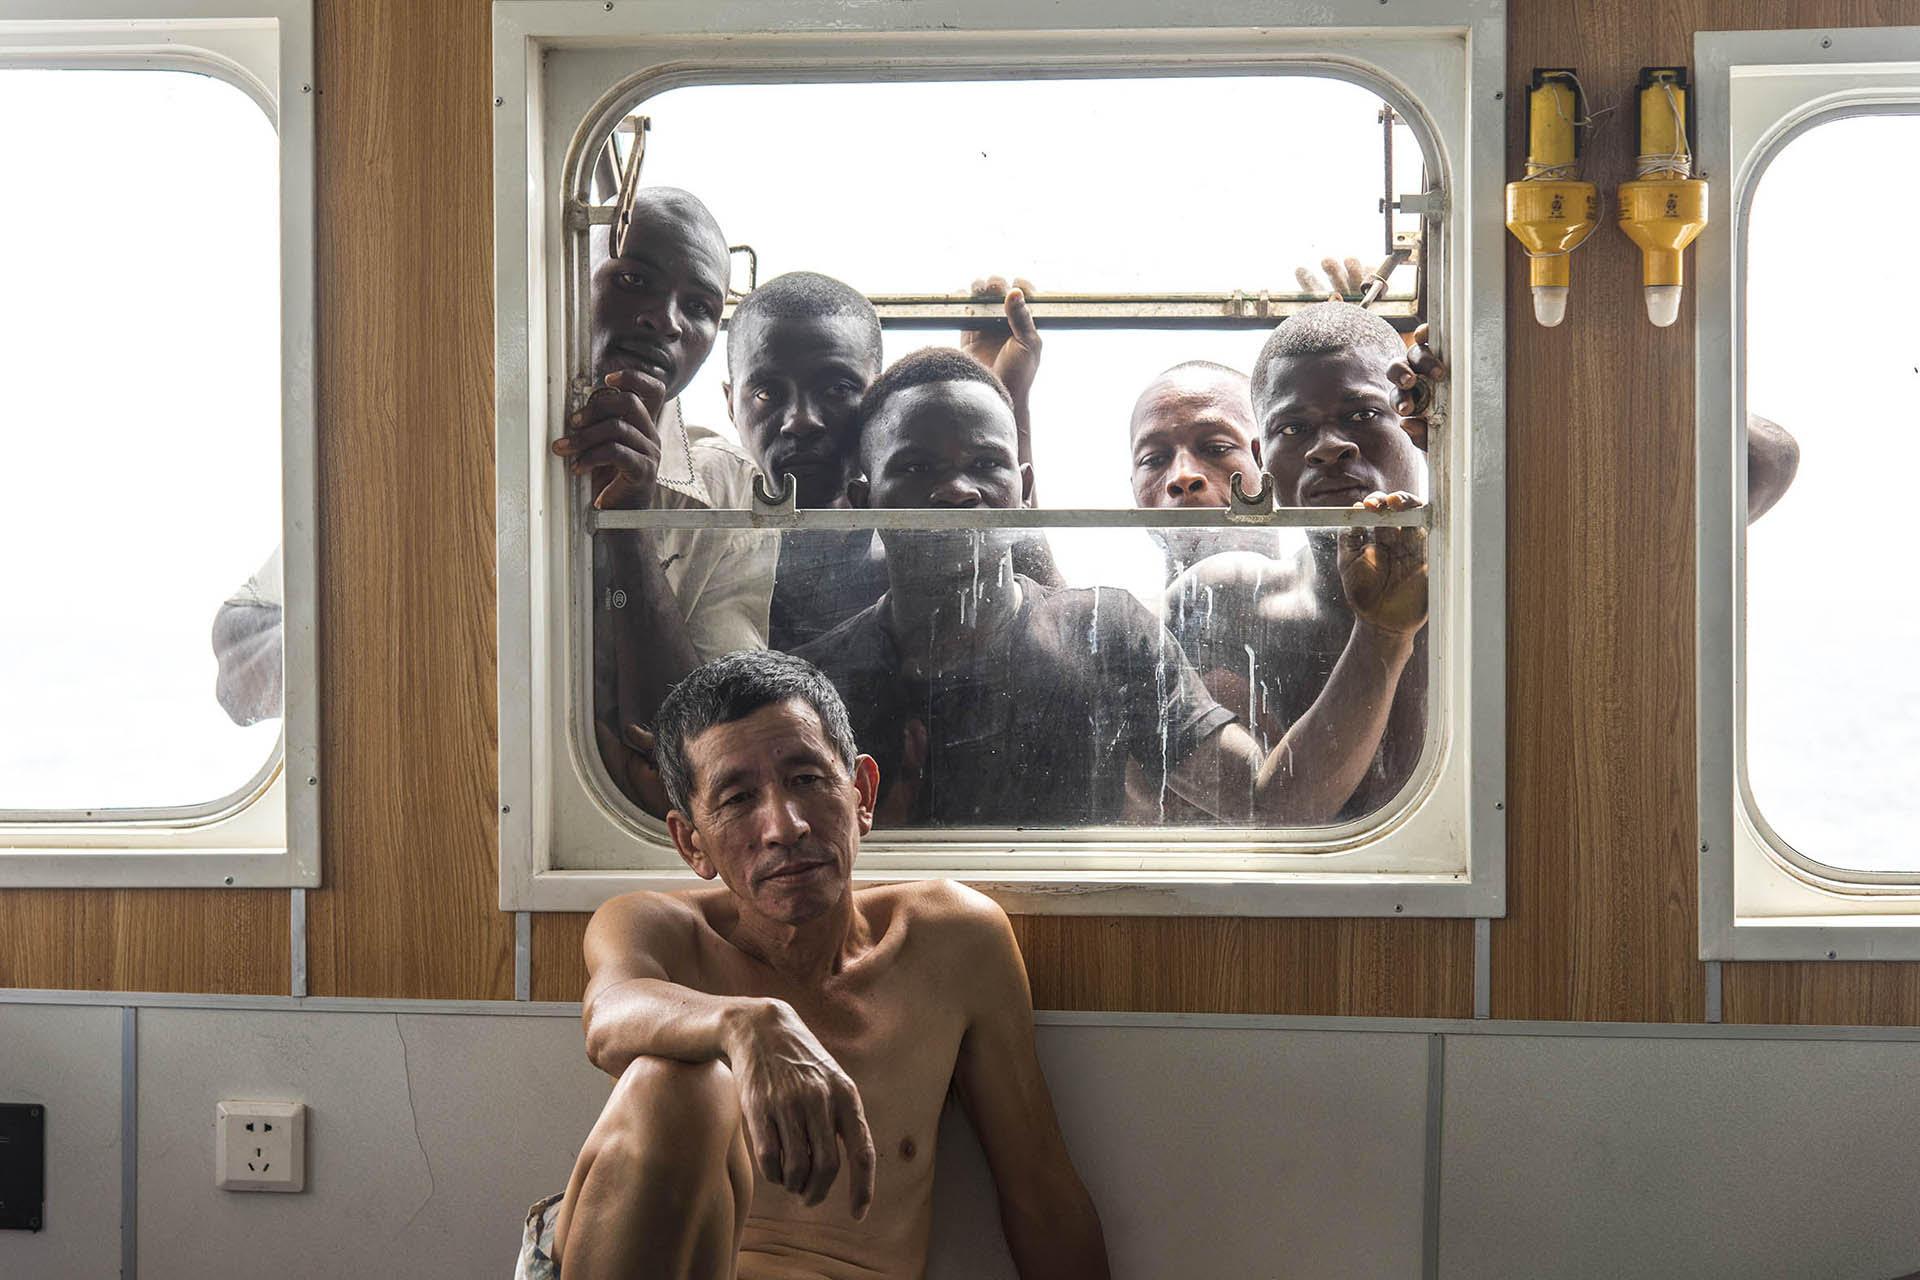 L'une des photographies de l'exposition « Filets obscurs » de Pierre Gleizes, présentée à la galerie Fait&Cause, à Paris, en 2019.